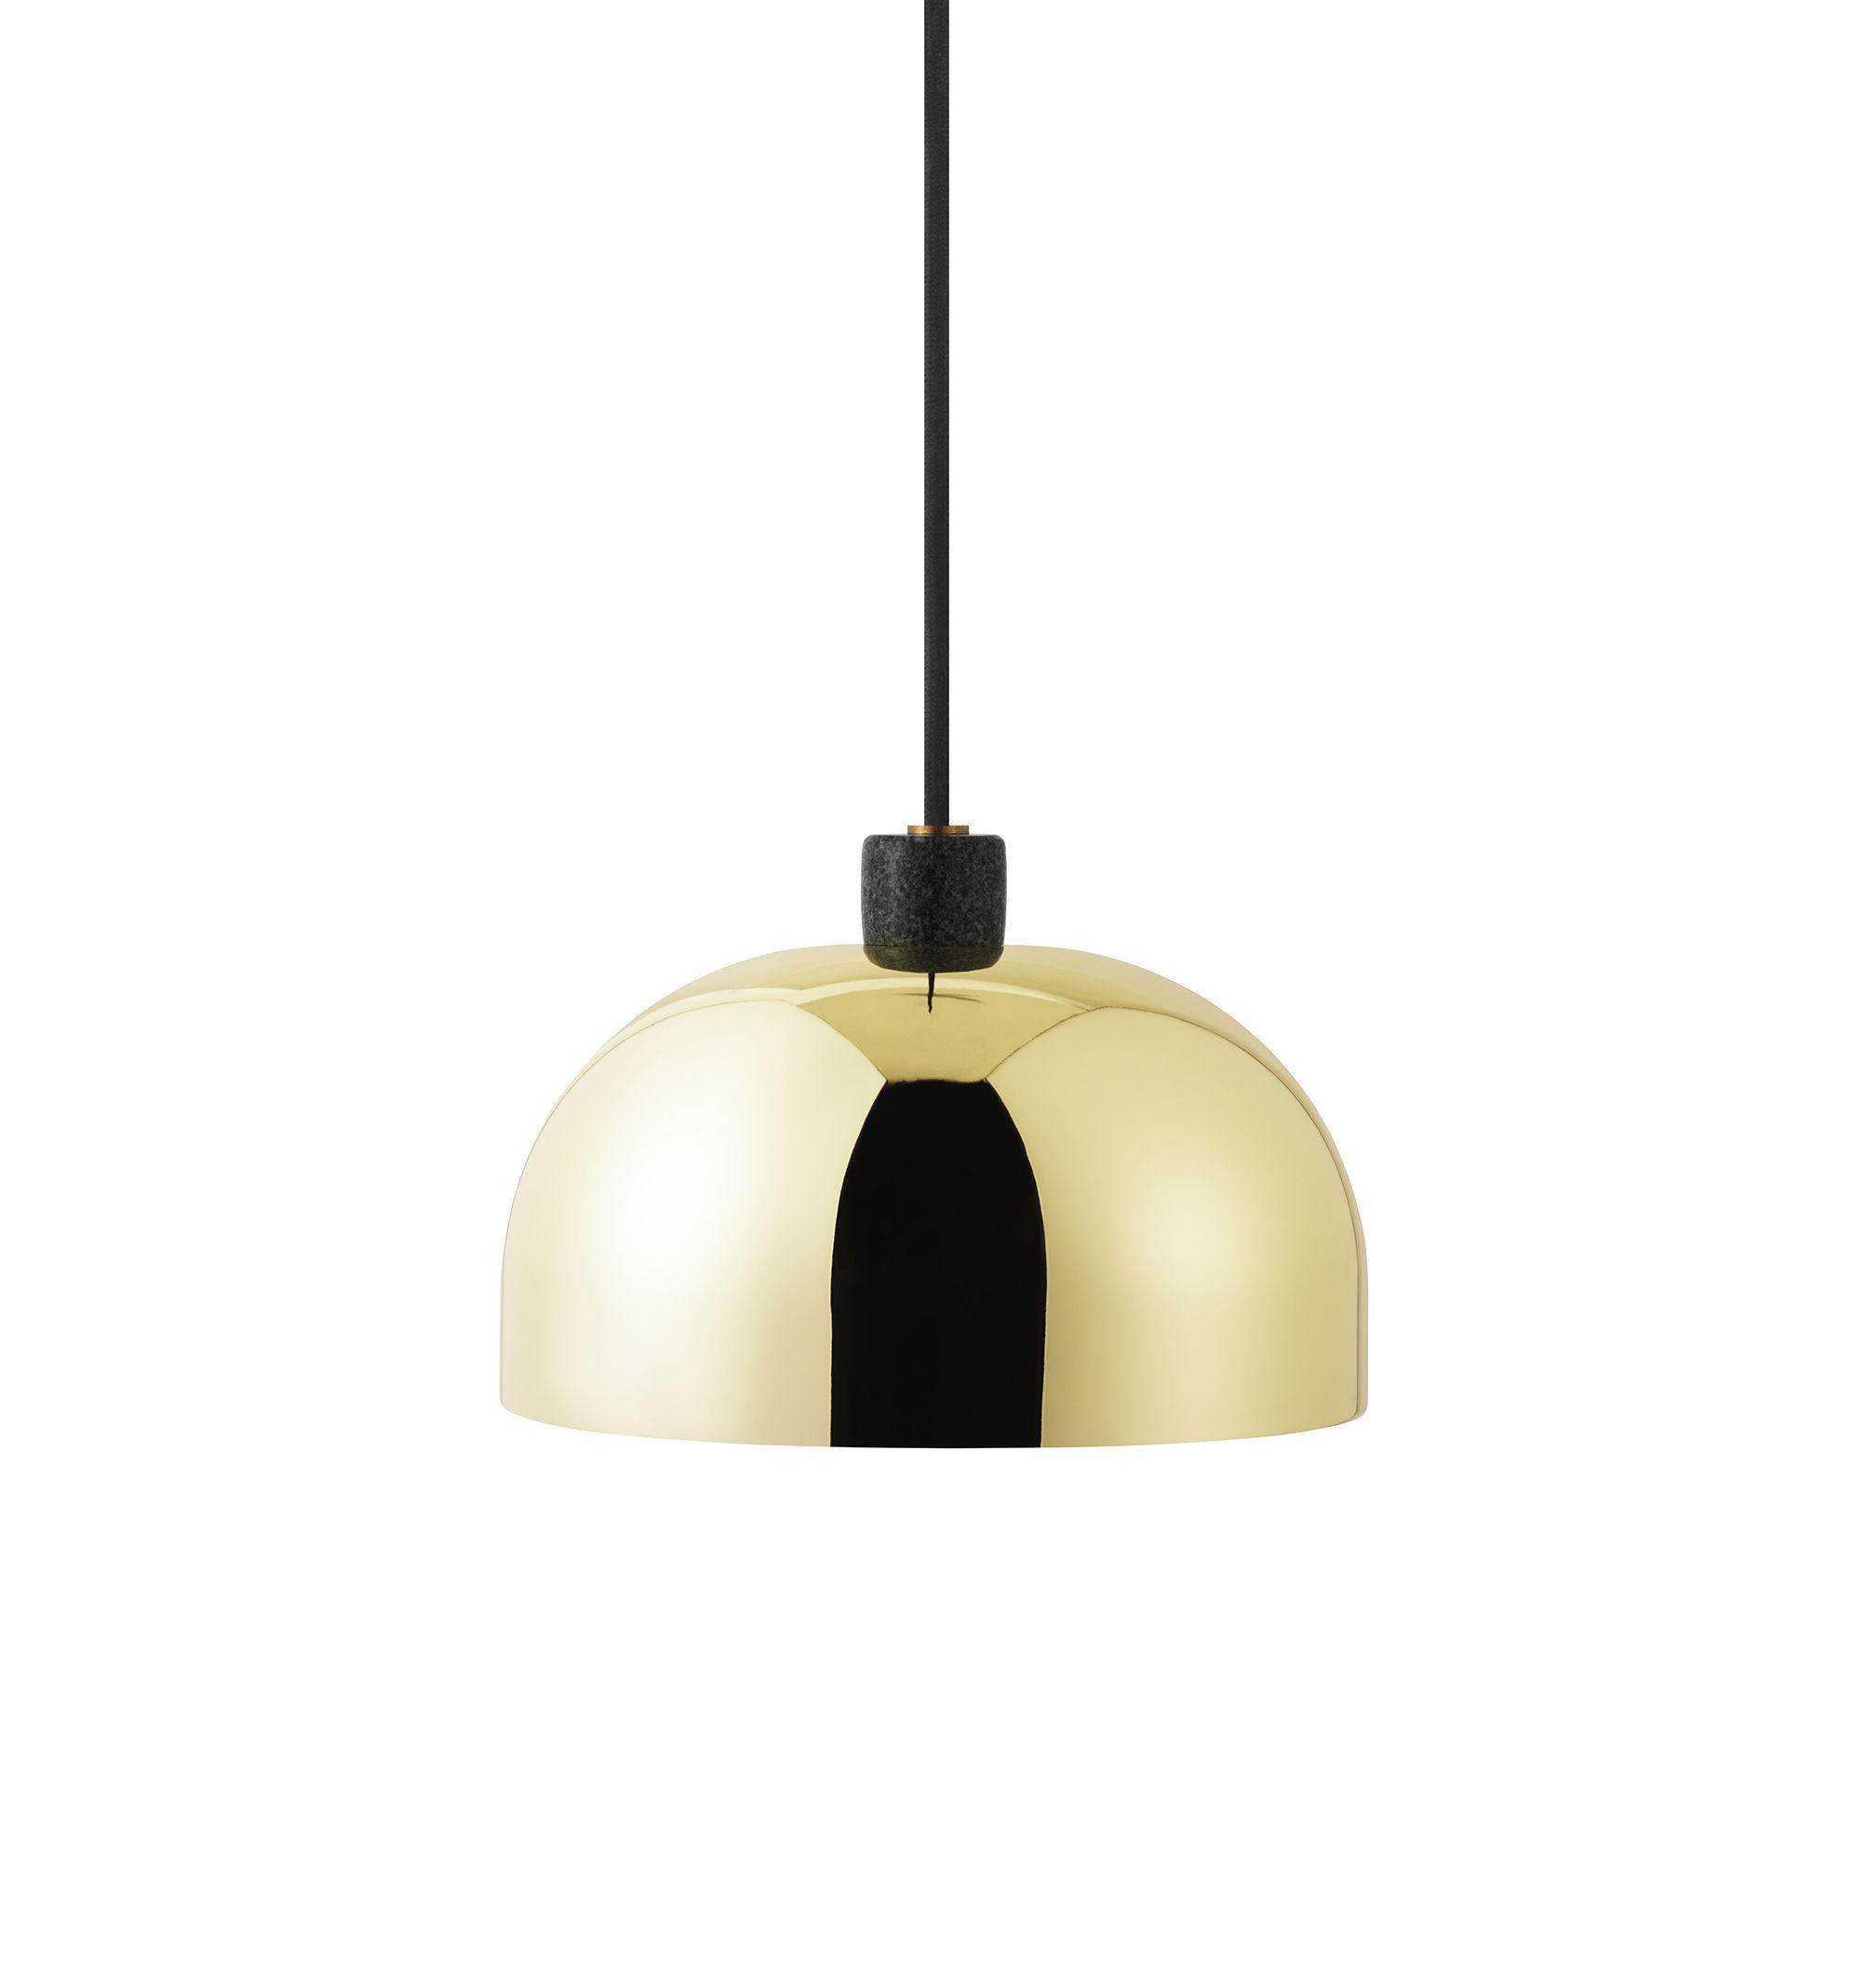 Illuminazione - Lampadari - Sospensione Grant - / Ottone & granito - Ø 23 cm di Normann Copenhagen - Ottone - Granito, Ottone